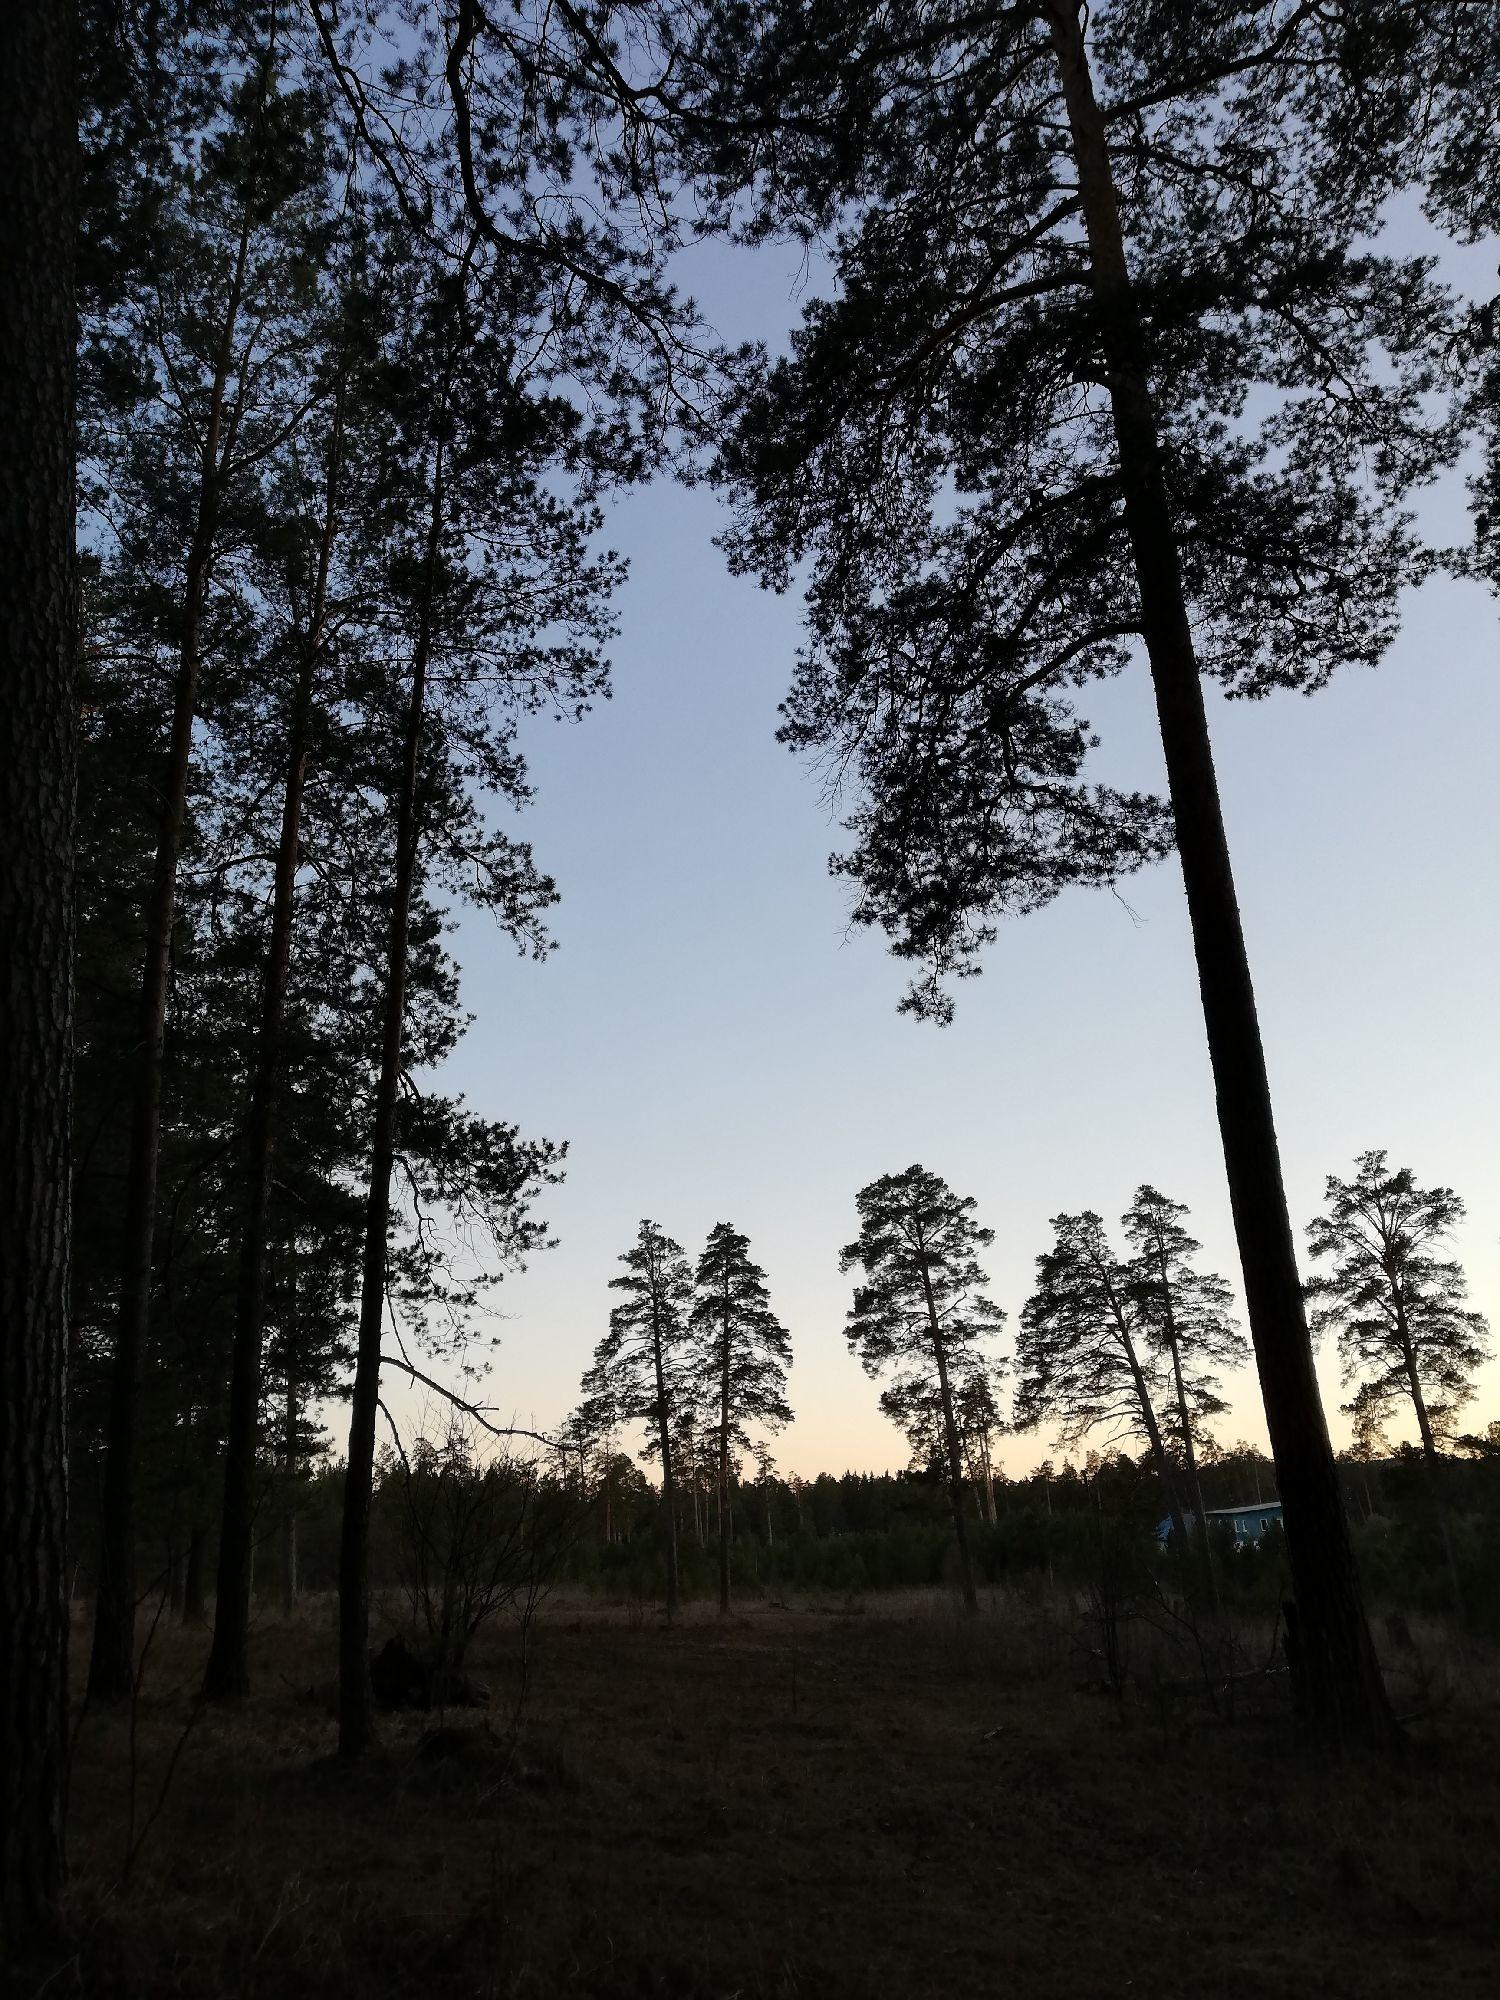 Лес у бывшего дедушкиного огорода. Дедушка каждый раз, проезжая мимо, машет рукой - привет, кормилец!